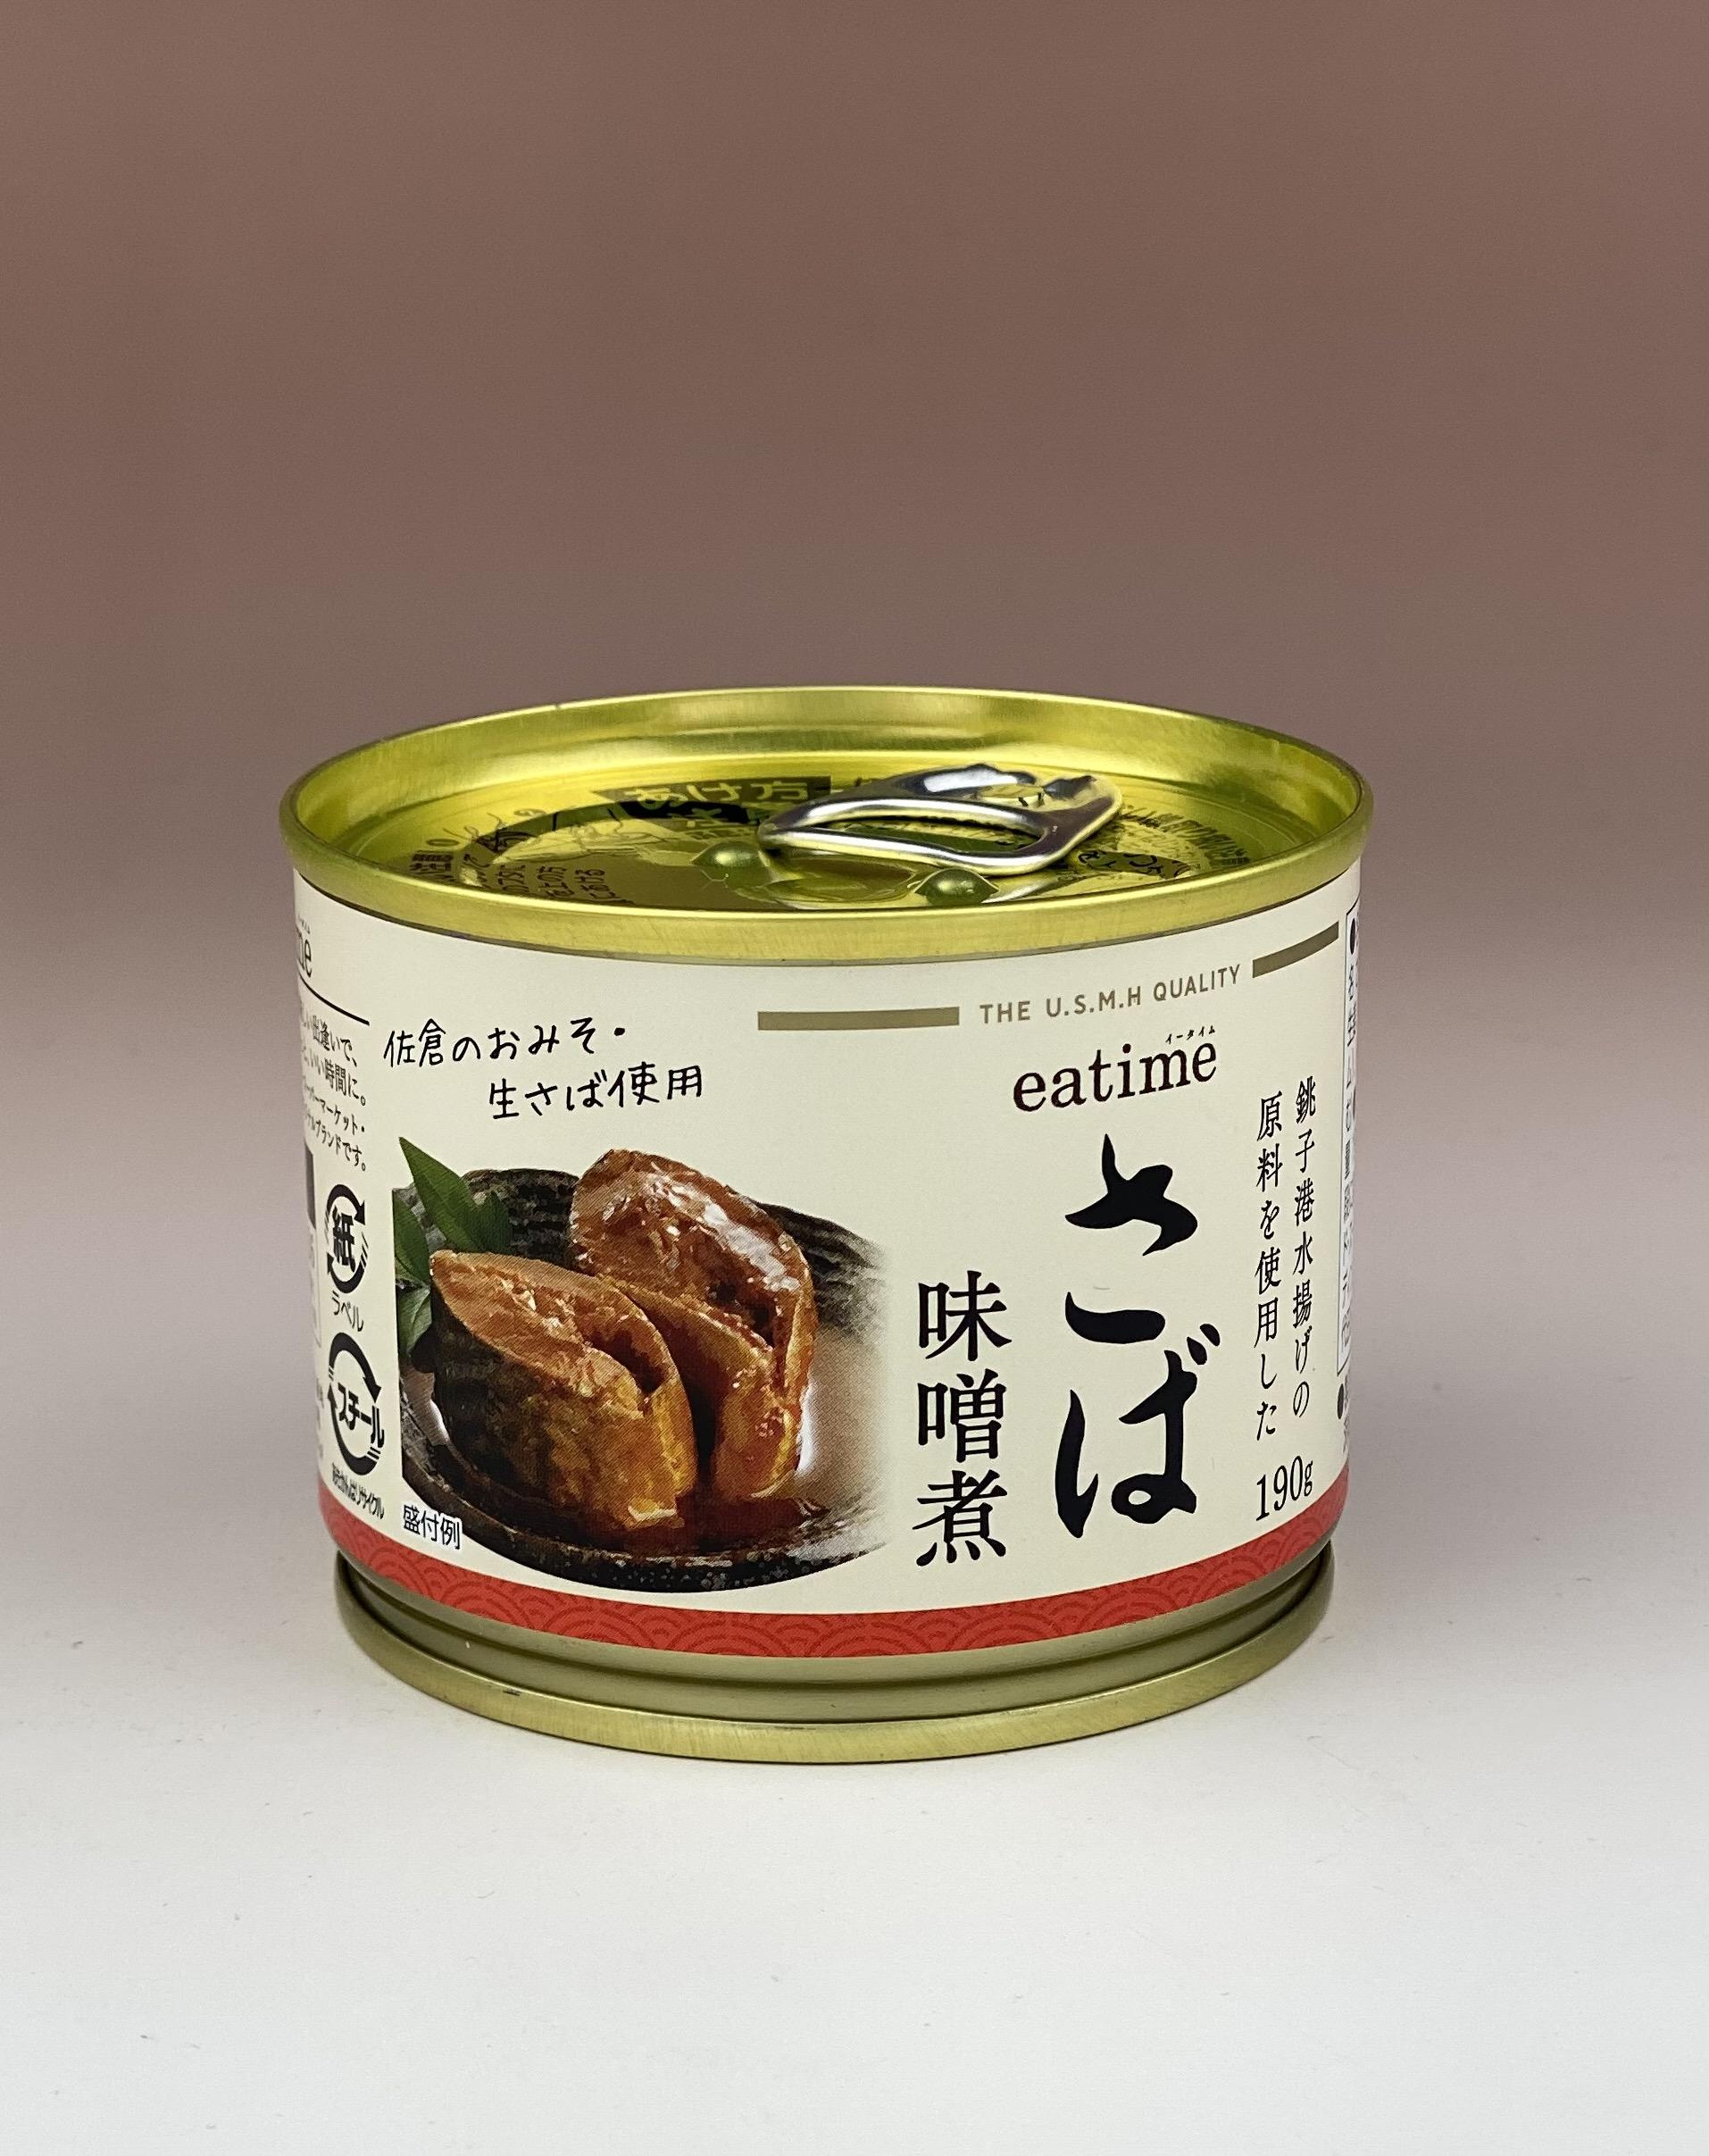 銚子港で水揚げされた旬の生さばを使用した「さば味噌煮」発売中。